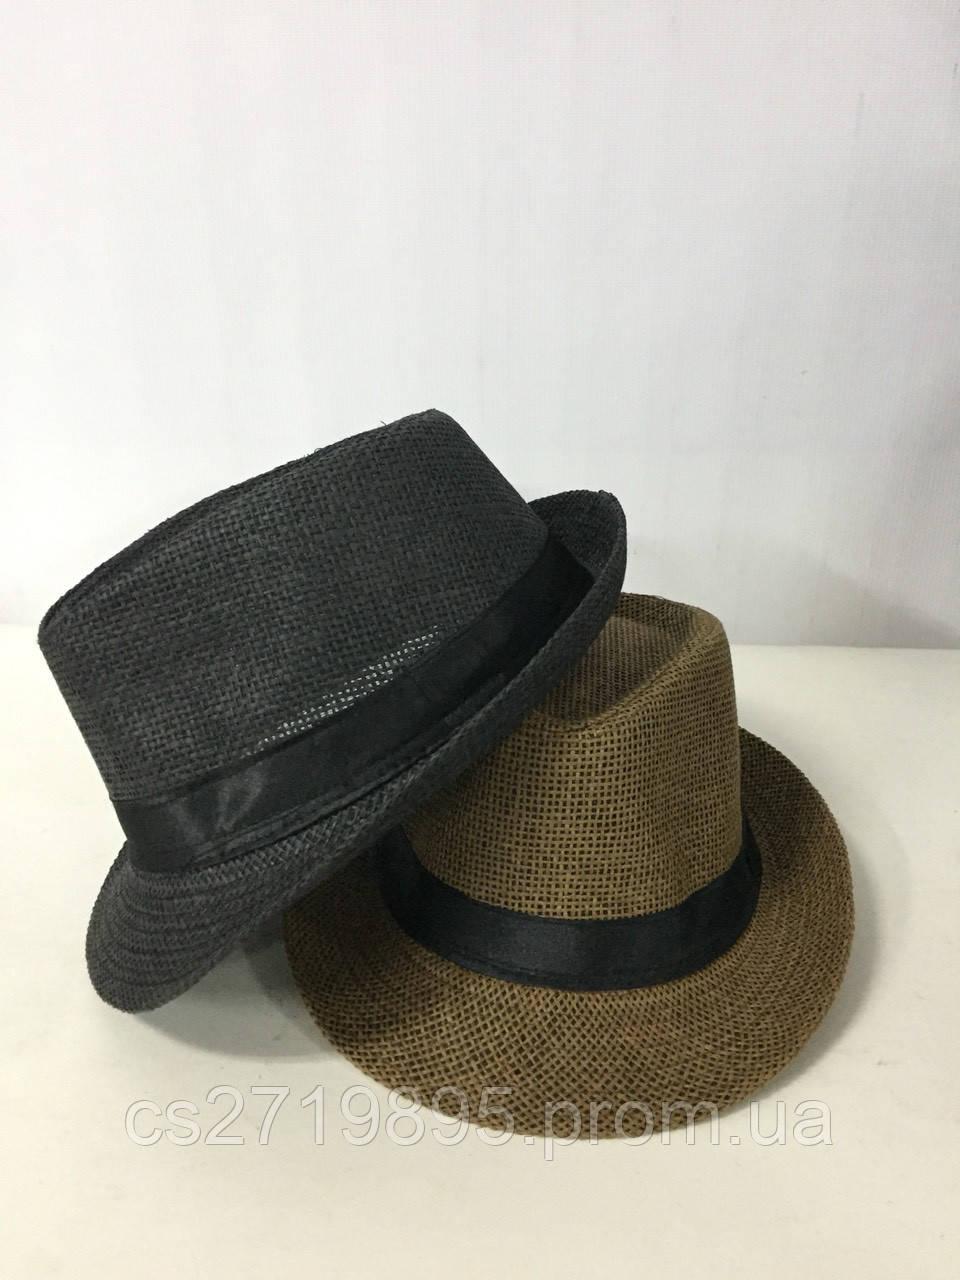 Шляпа мужская рогожка